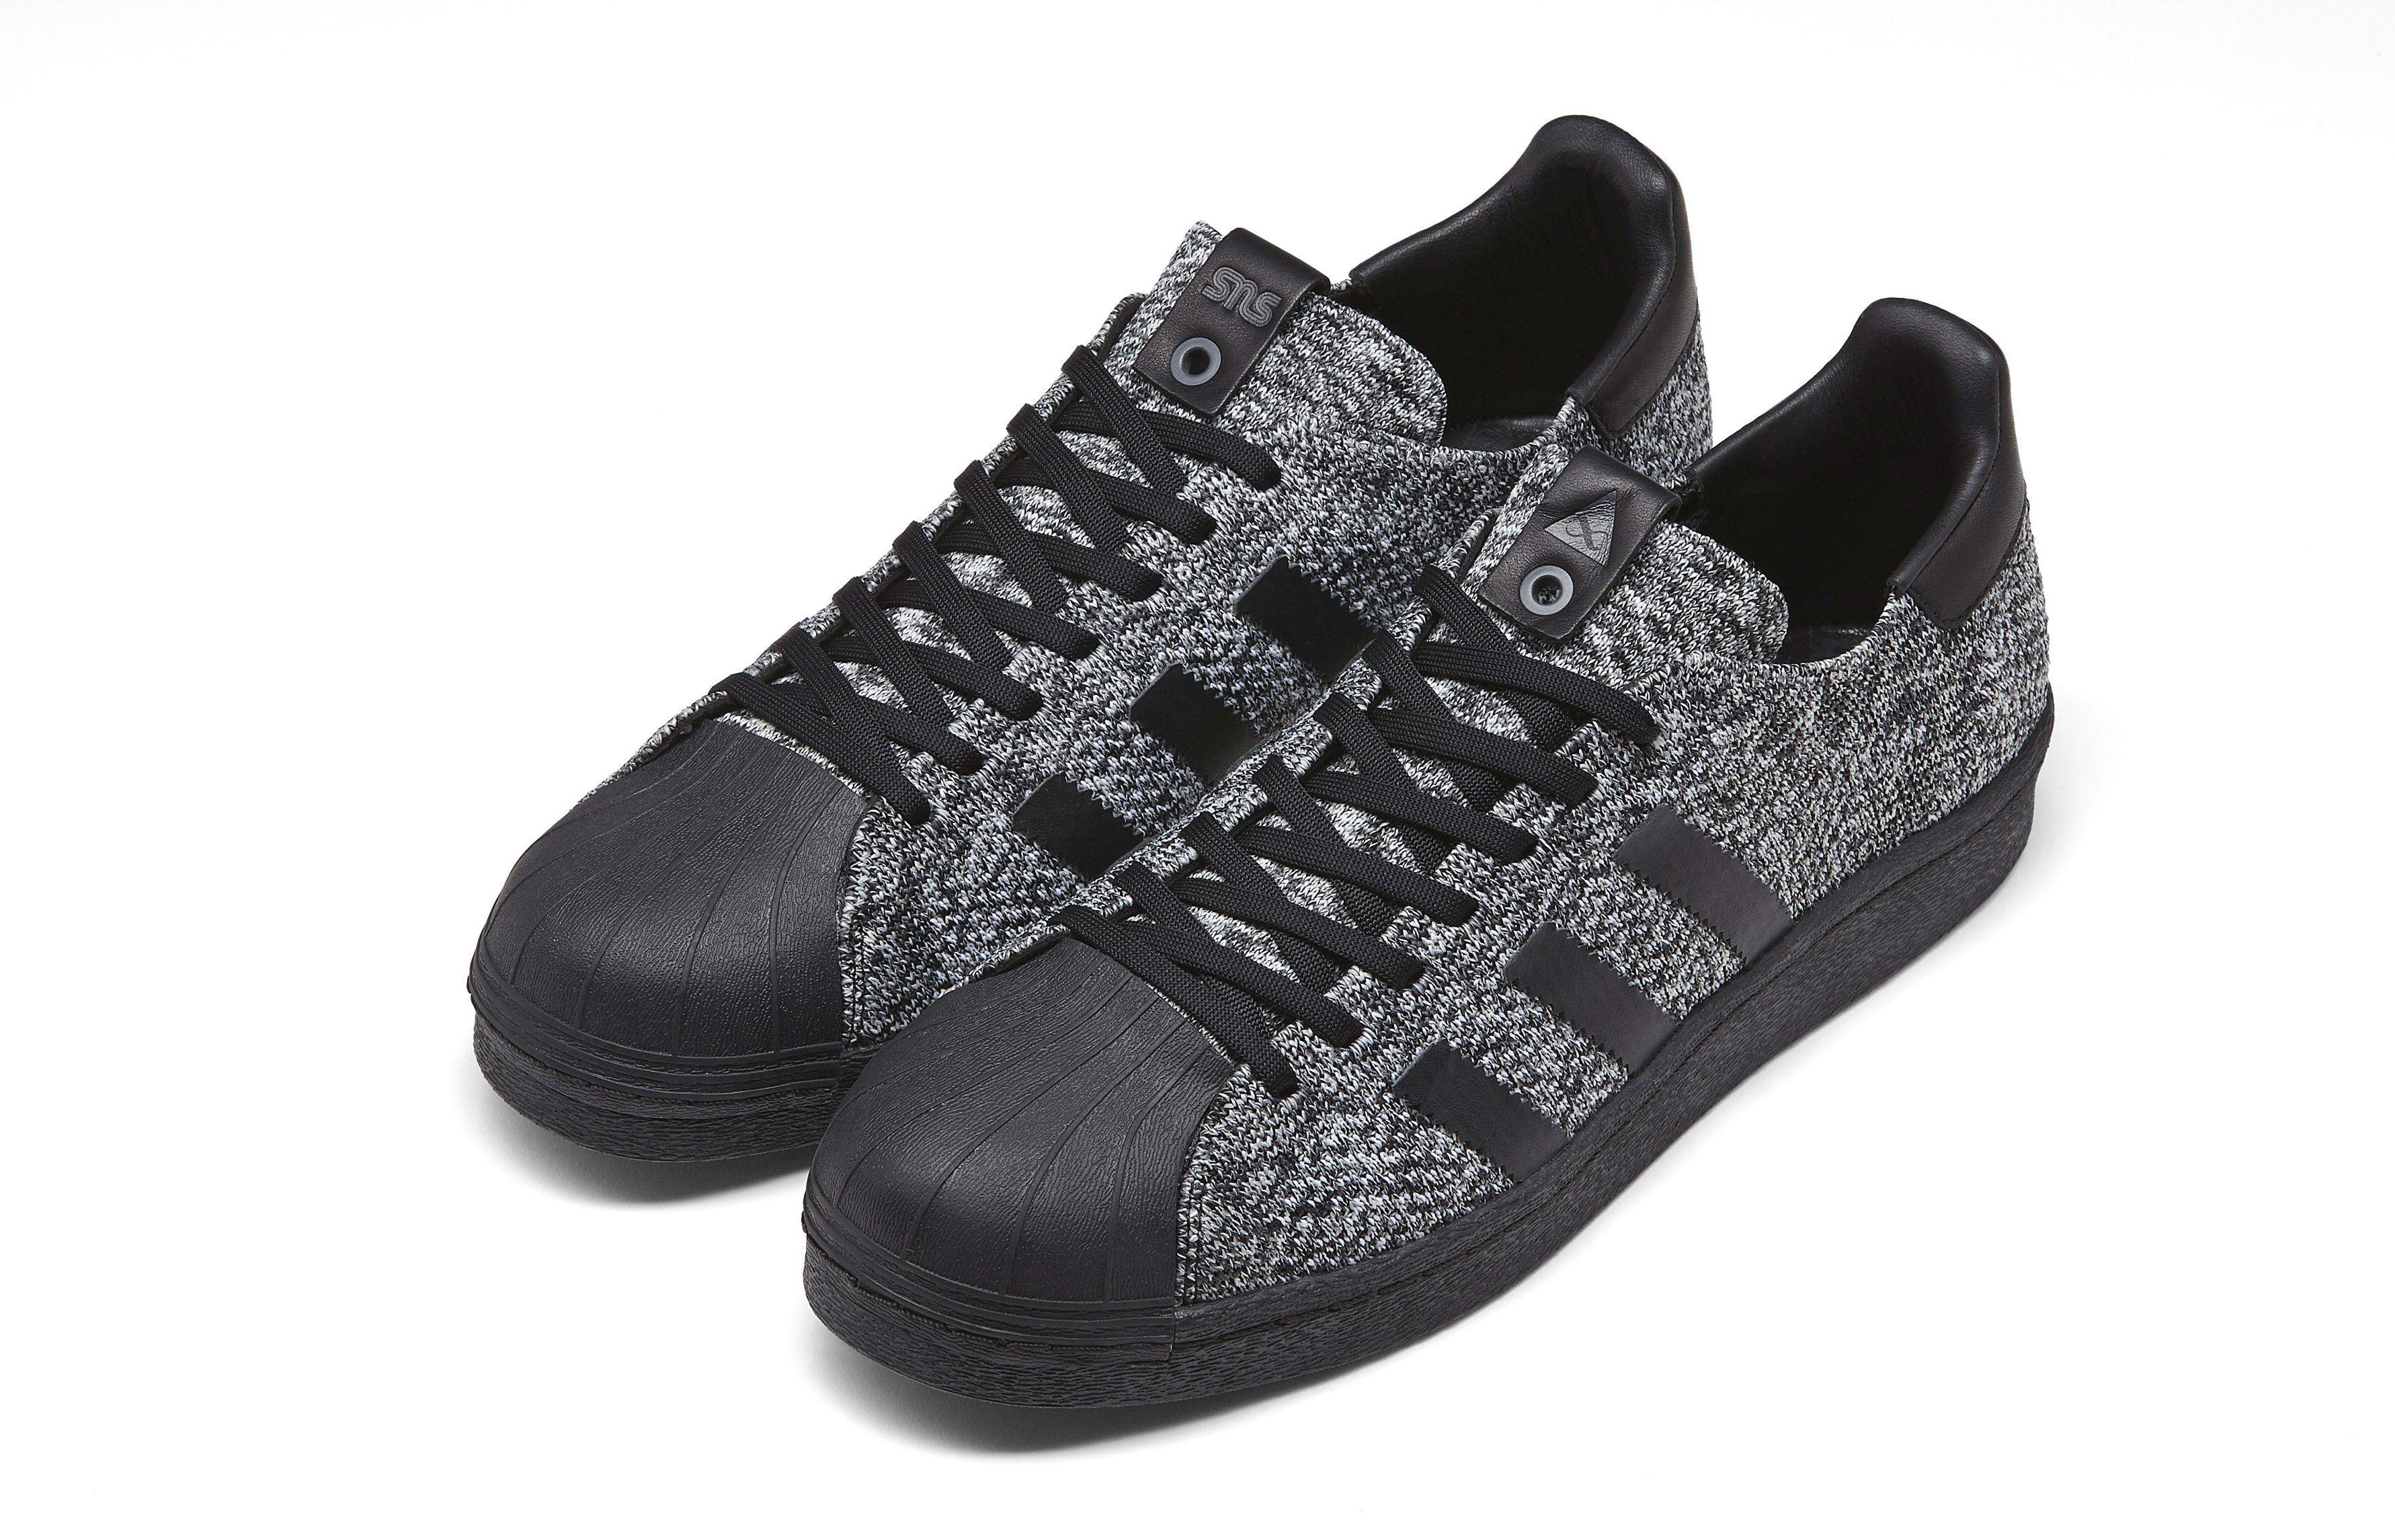 Sneakersnstuff Social Status Adidas Superstar